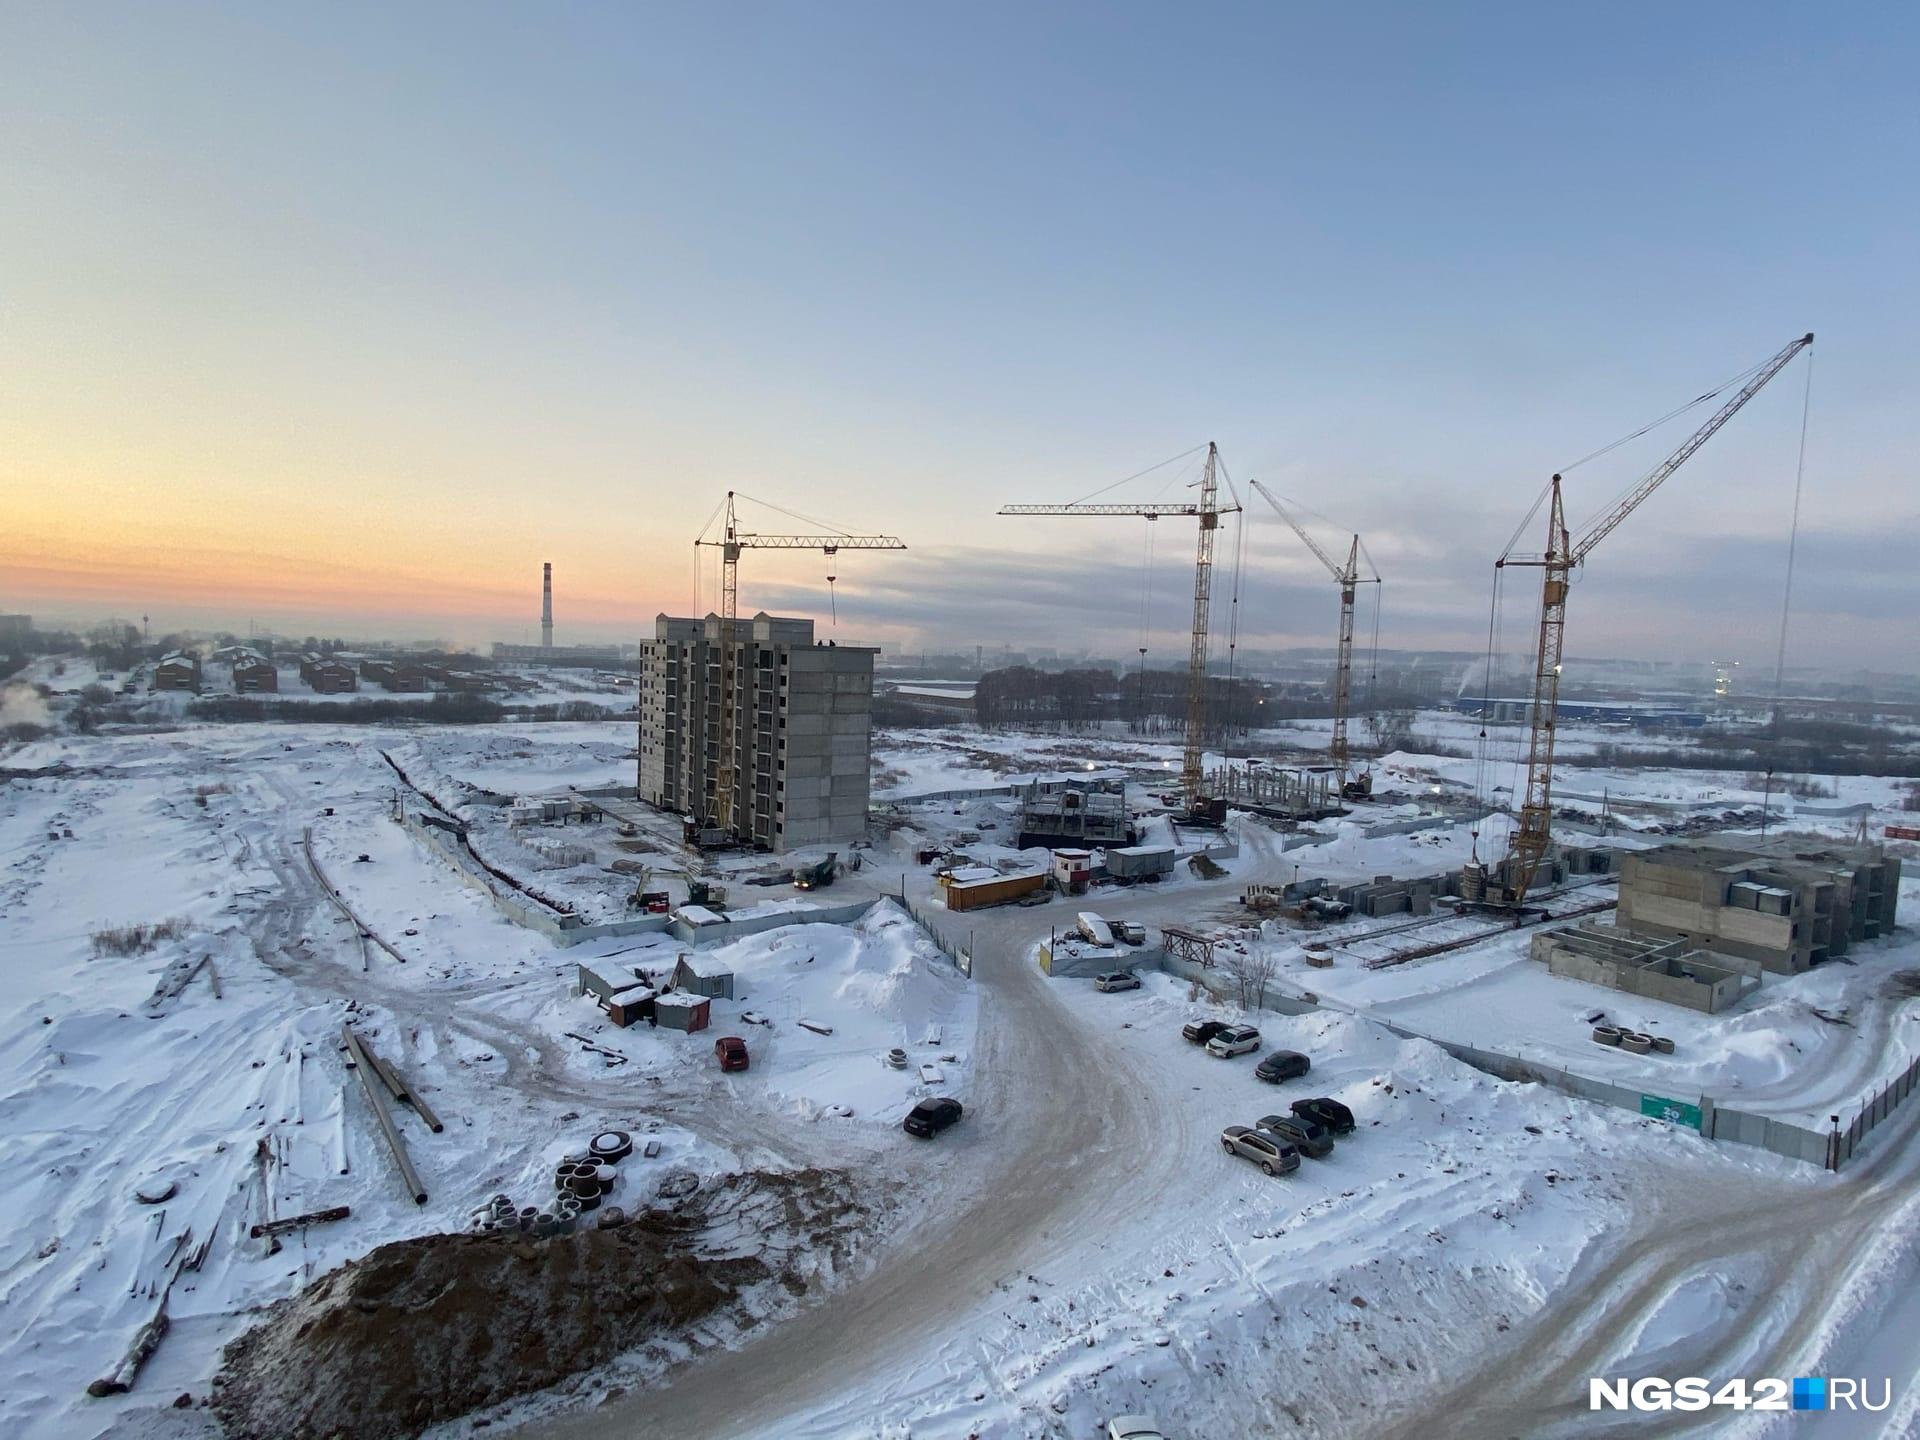 Власти планируют, что в 2021 году построят дорогу от бульвара Строителей до Металлплощадки